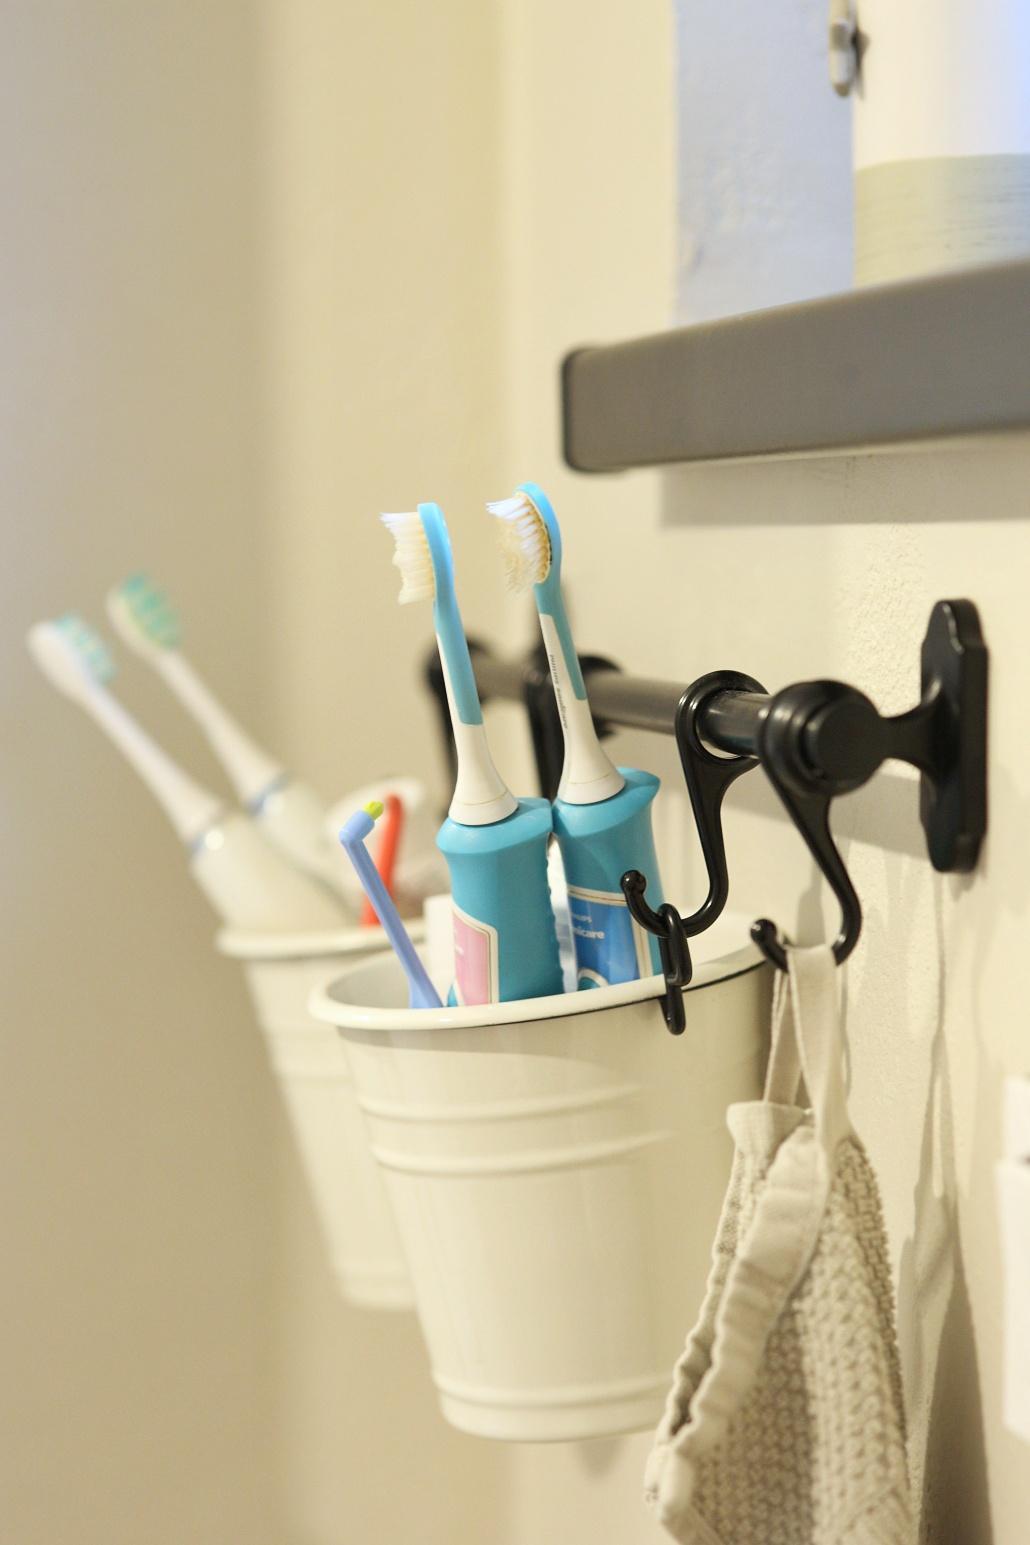 Dlouho jsem přemýšlela nad tím, kam v koupelně dávat elektrický kartáčky a pasty. 🤔 Na umyvadle jsem je nechtěla, na parapetu taky ne, ve skřínce už vůbec... 😊 Klasické držáky se mi nelíbí. A pak přišel spásný nápad. Kuchyňský organizér z IKEA. - Obrázek č. 1